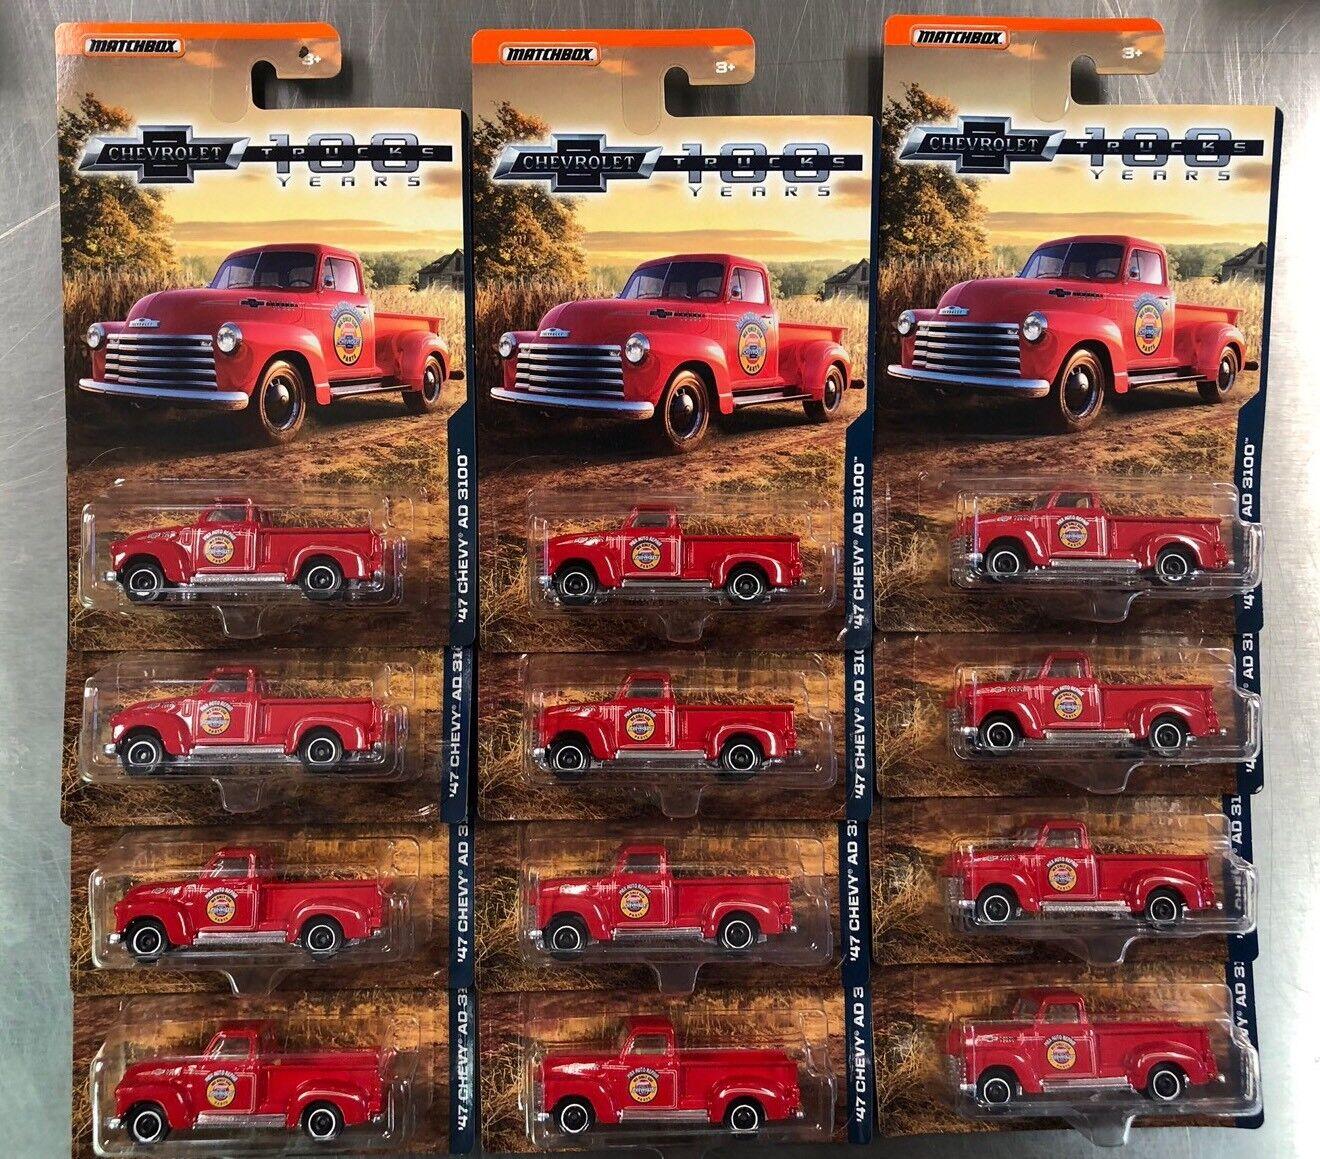 MATCHBOX 1947 CHEVY AD 3100 Camionnette 100 ans Lot de 12 LIVRAISON GRATUITE